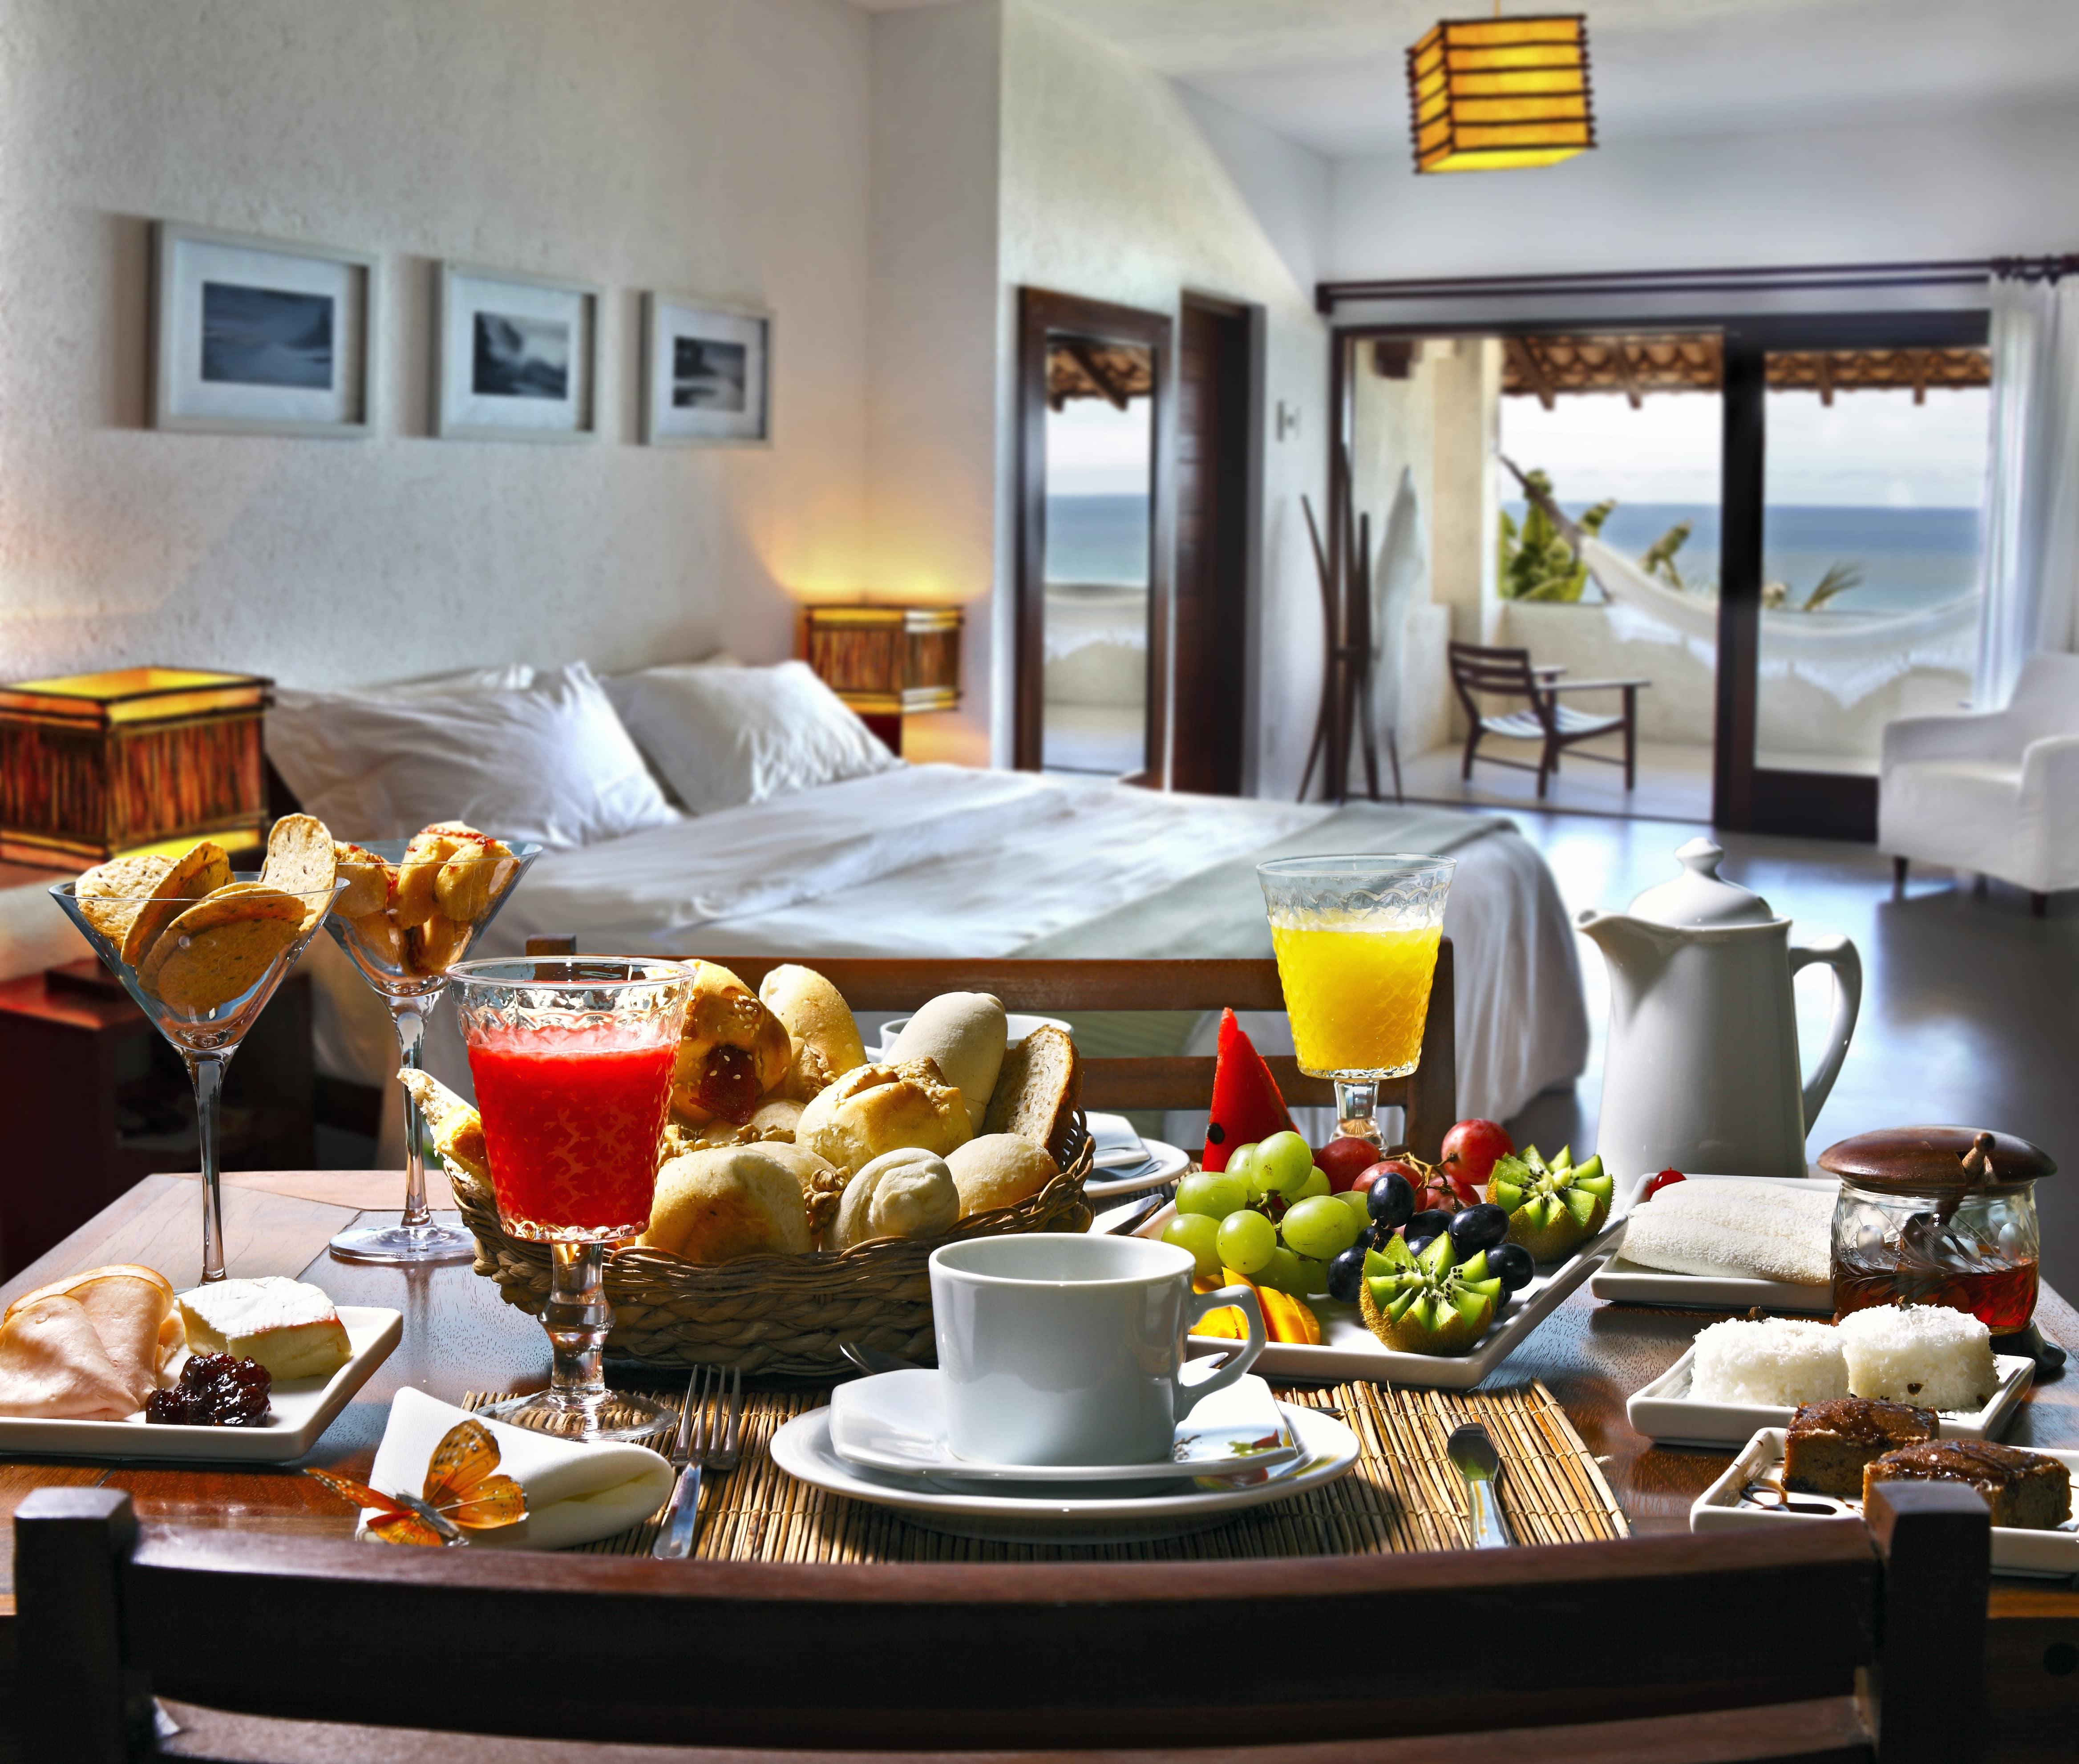 Room & Meals